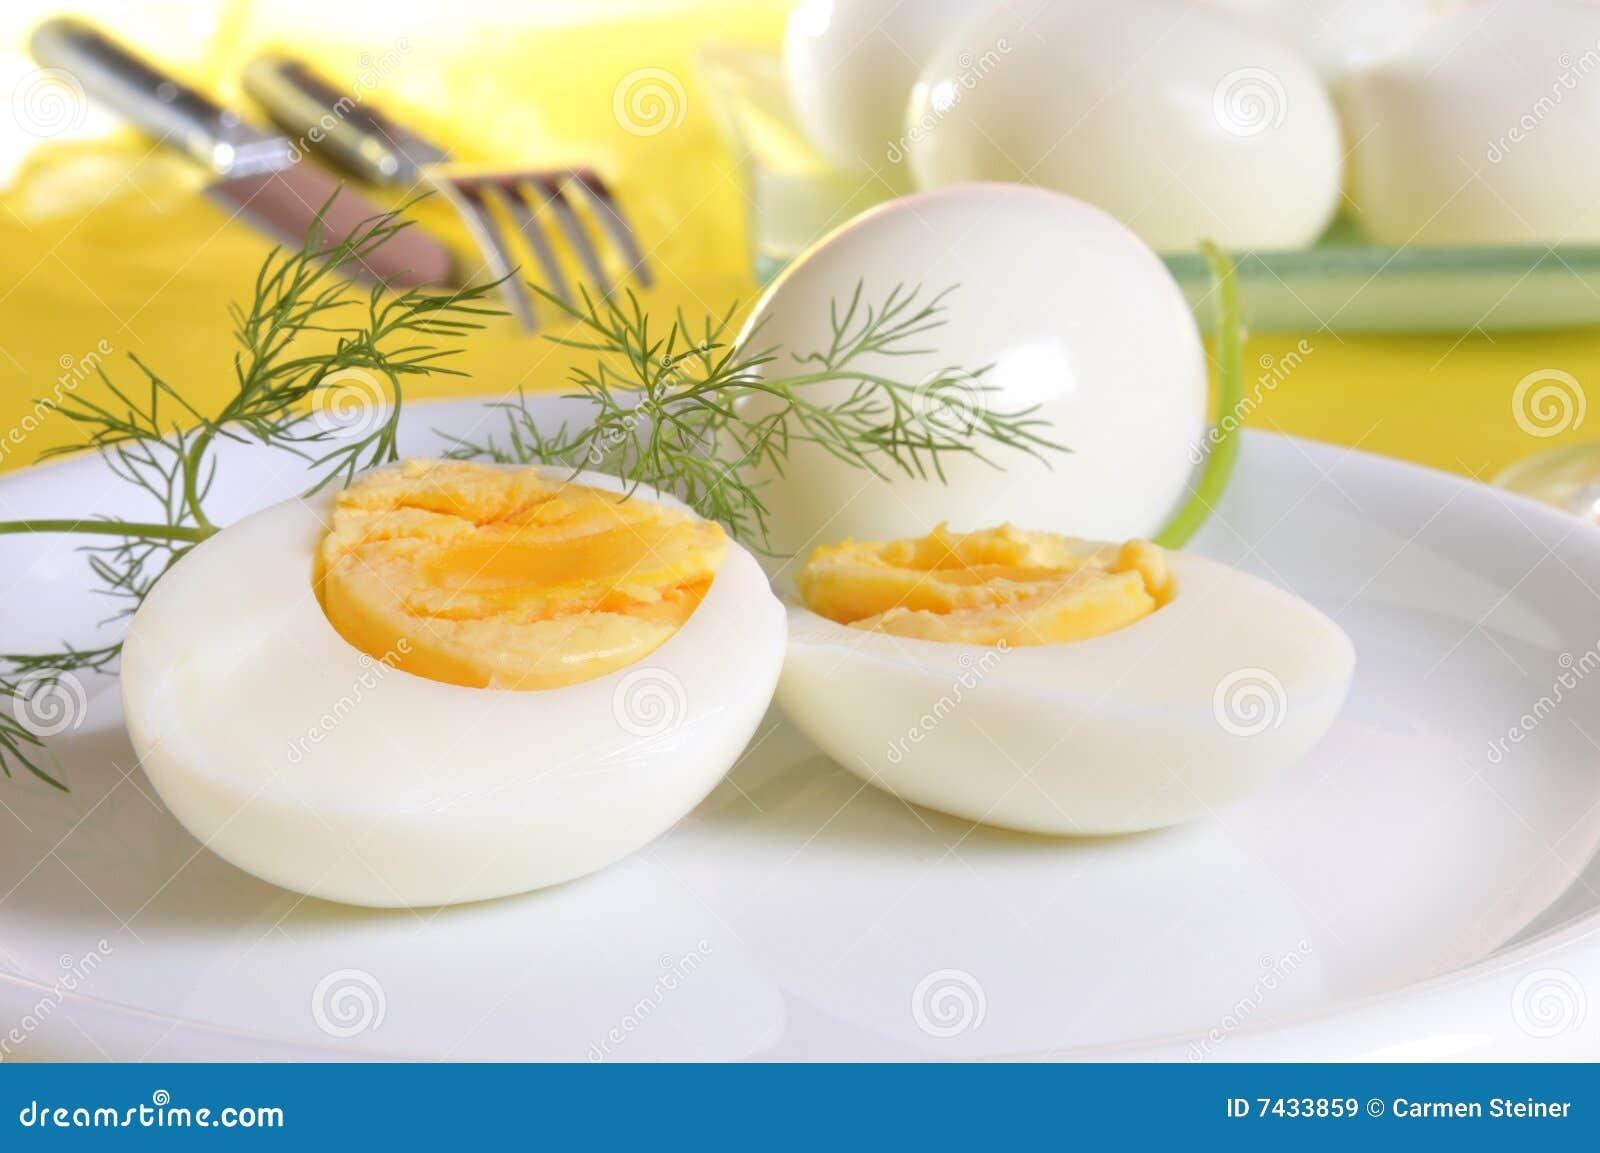 Gekochte Eier Bemalen : gekochte eier stockbild bild von nachricht k stlich ~ Watch28wear.com Haus und Dekorationen